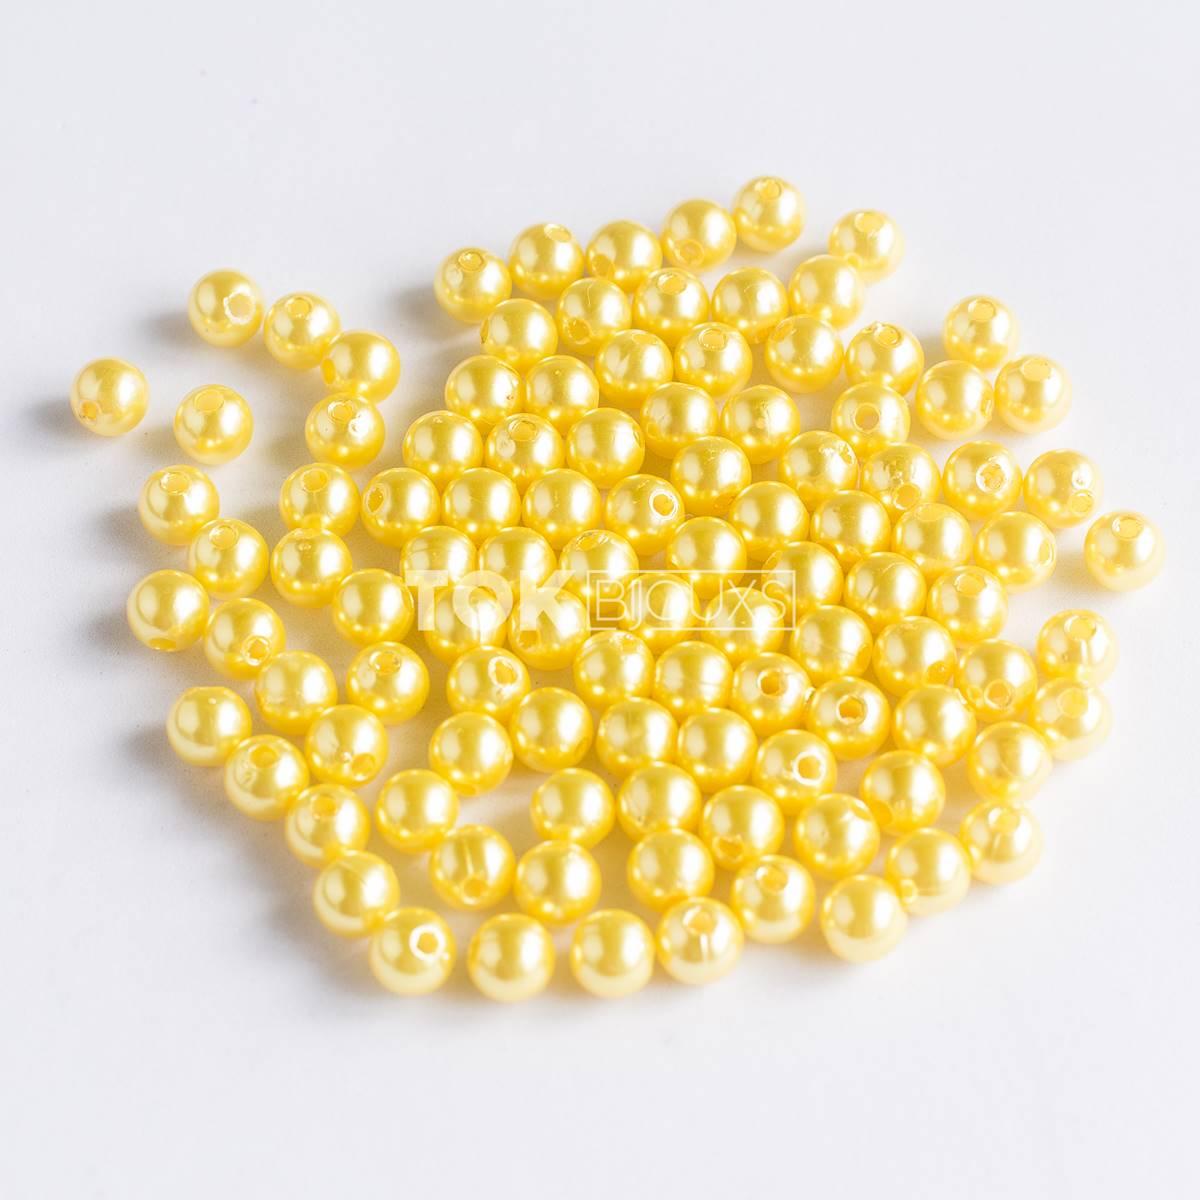 Pérola Redonda Abs 6mm - Amarelo - 25g